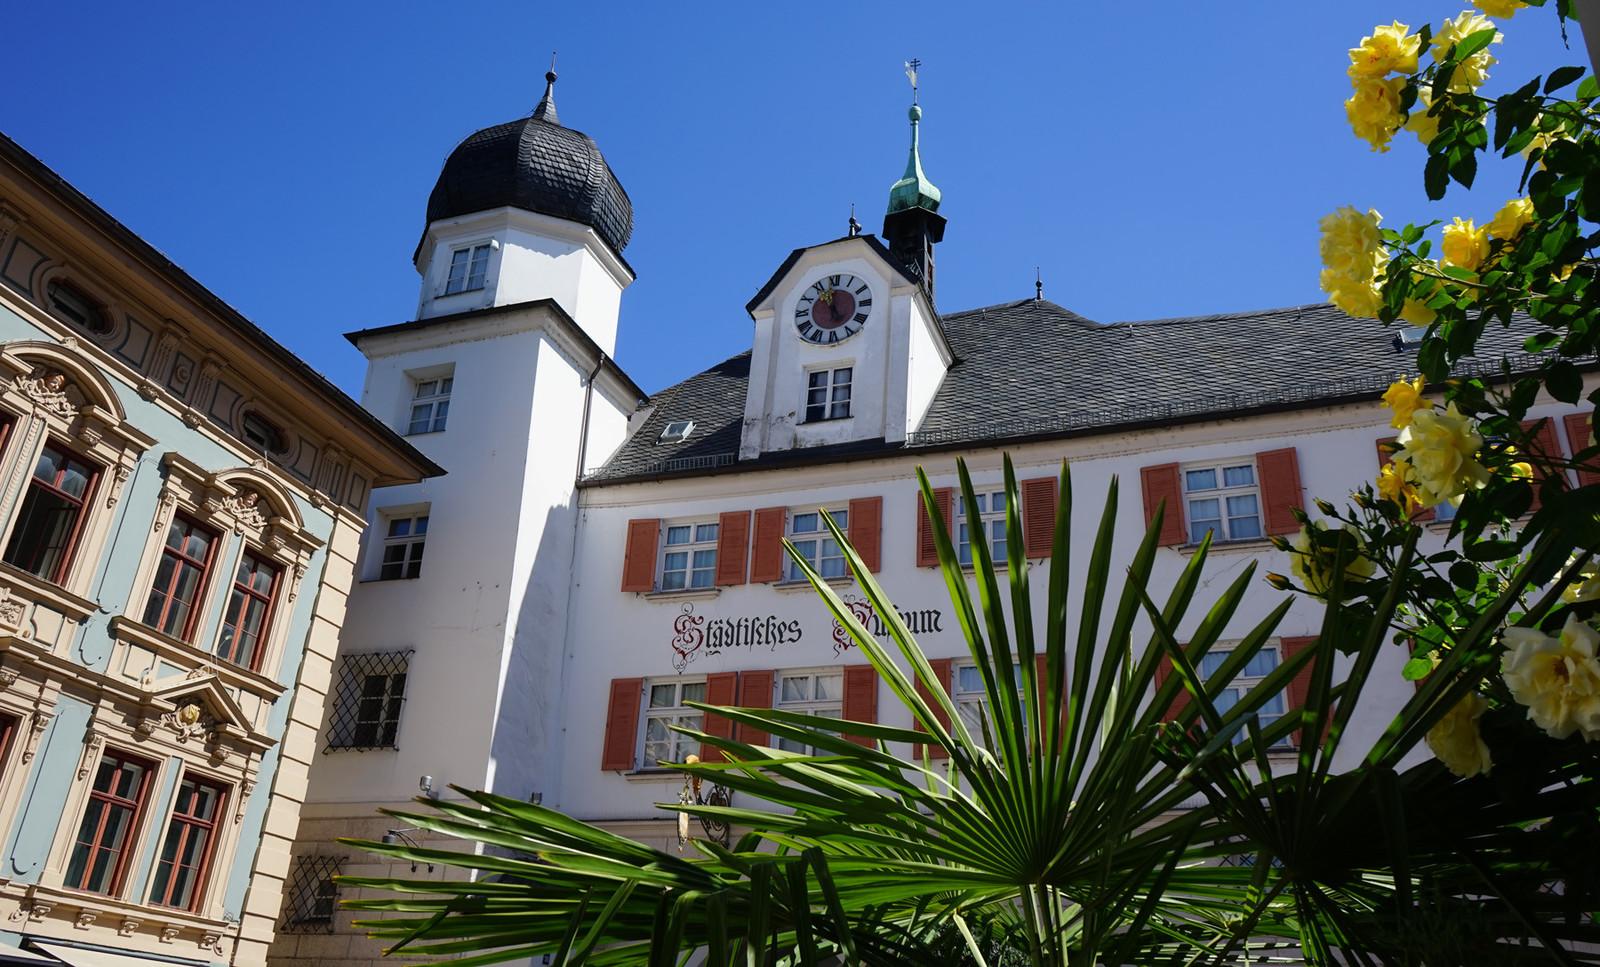 rosenheim-palmen-1800x1088.jpg